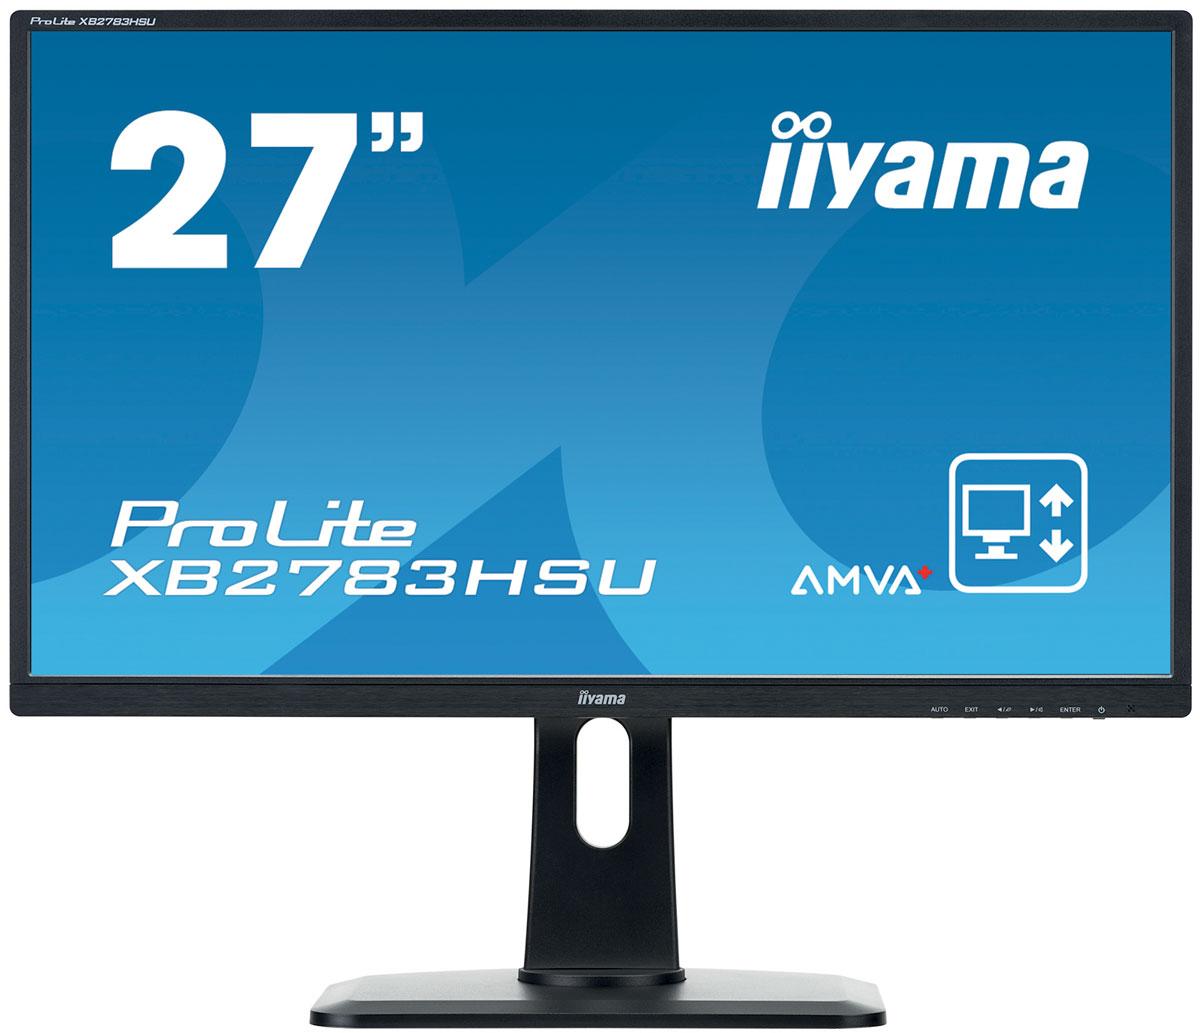 iiyama XB2783HSU-B1DP, Black мониторXB2783HSU-B1DPIiyama XB2783HSU-B1DP - высококачественный 27-дюймовый Full HD-дисплей, оснащенный светодиодной подсветкой и панелью AMVA+, гарантирующей точное и последовательное воспроизведение цвета с широкими углами обзора. Уровень динамического контраста этой модели превышает 12 000 000:1, а время отклика пикселей составляет 4 мс, что позволяет монитору демонстрировать отличное качество изображения. Эргономичная подставка обеспечивает регулировку по высоте, разворот и поворот монитора, что делает этот дисплей идеальным для широкого спектра приложений и сред, в которых гибкость и эргономика на рабочем месте являются ключевыми факторами. Монитор имеет сертификаты TCO и Energy Star. Модель идеально подойдет для образовательных, государственных, бизнес-структур и финансовых организаций. Технология панелей AMVA+ предлагает 24-битную производительность True Colour и восхитительные углы обзора. Нет мерцания + подавление синего - отличное решение для комфорта и здоровья ваших...